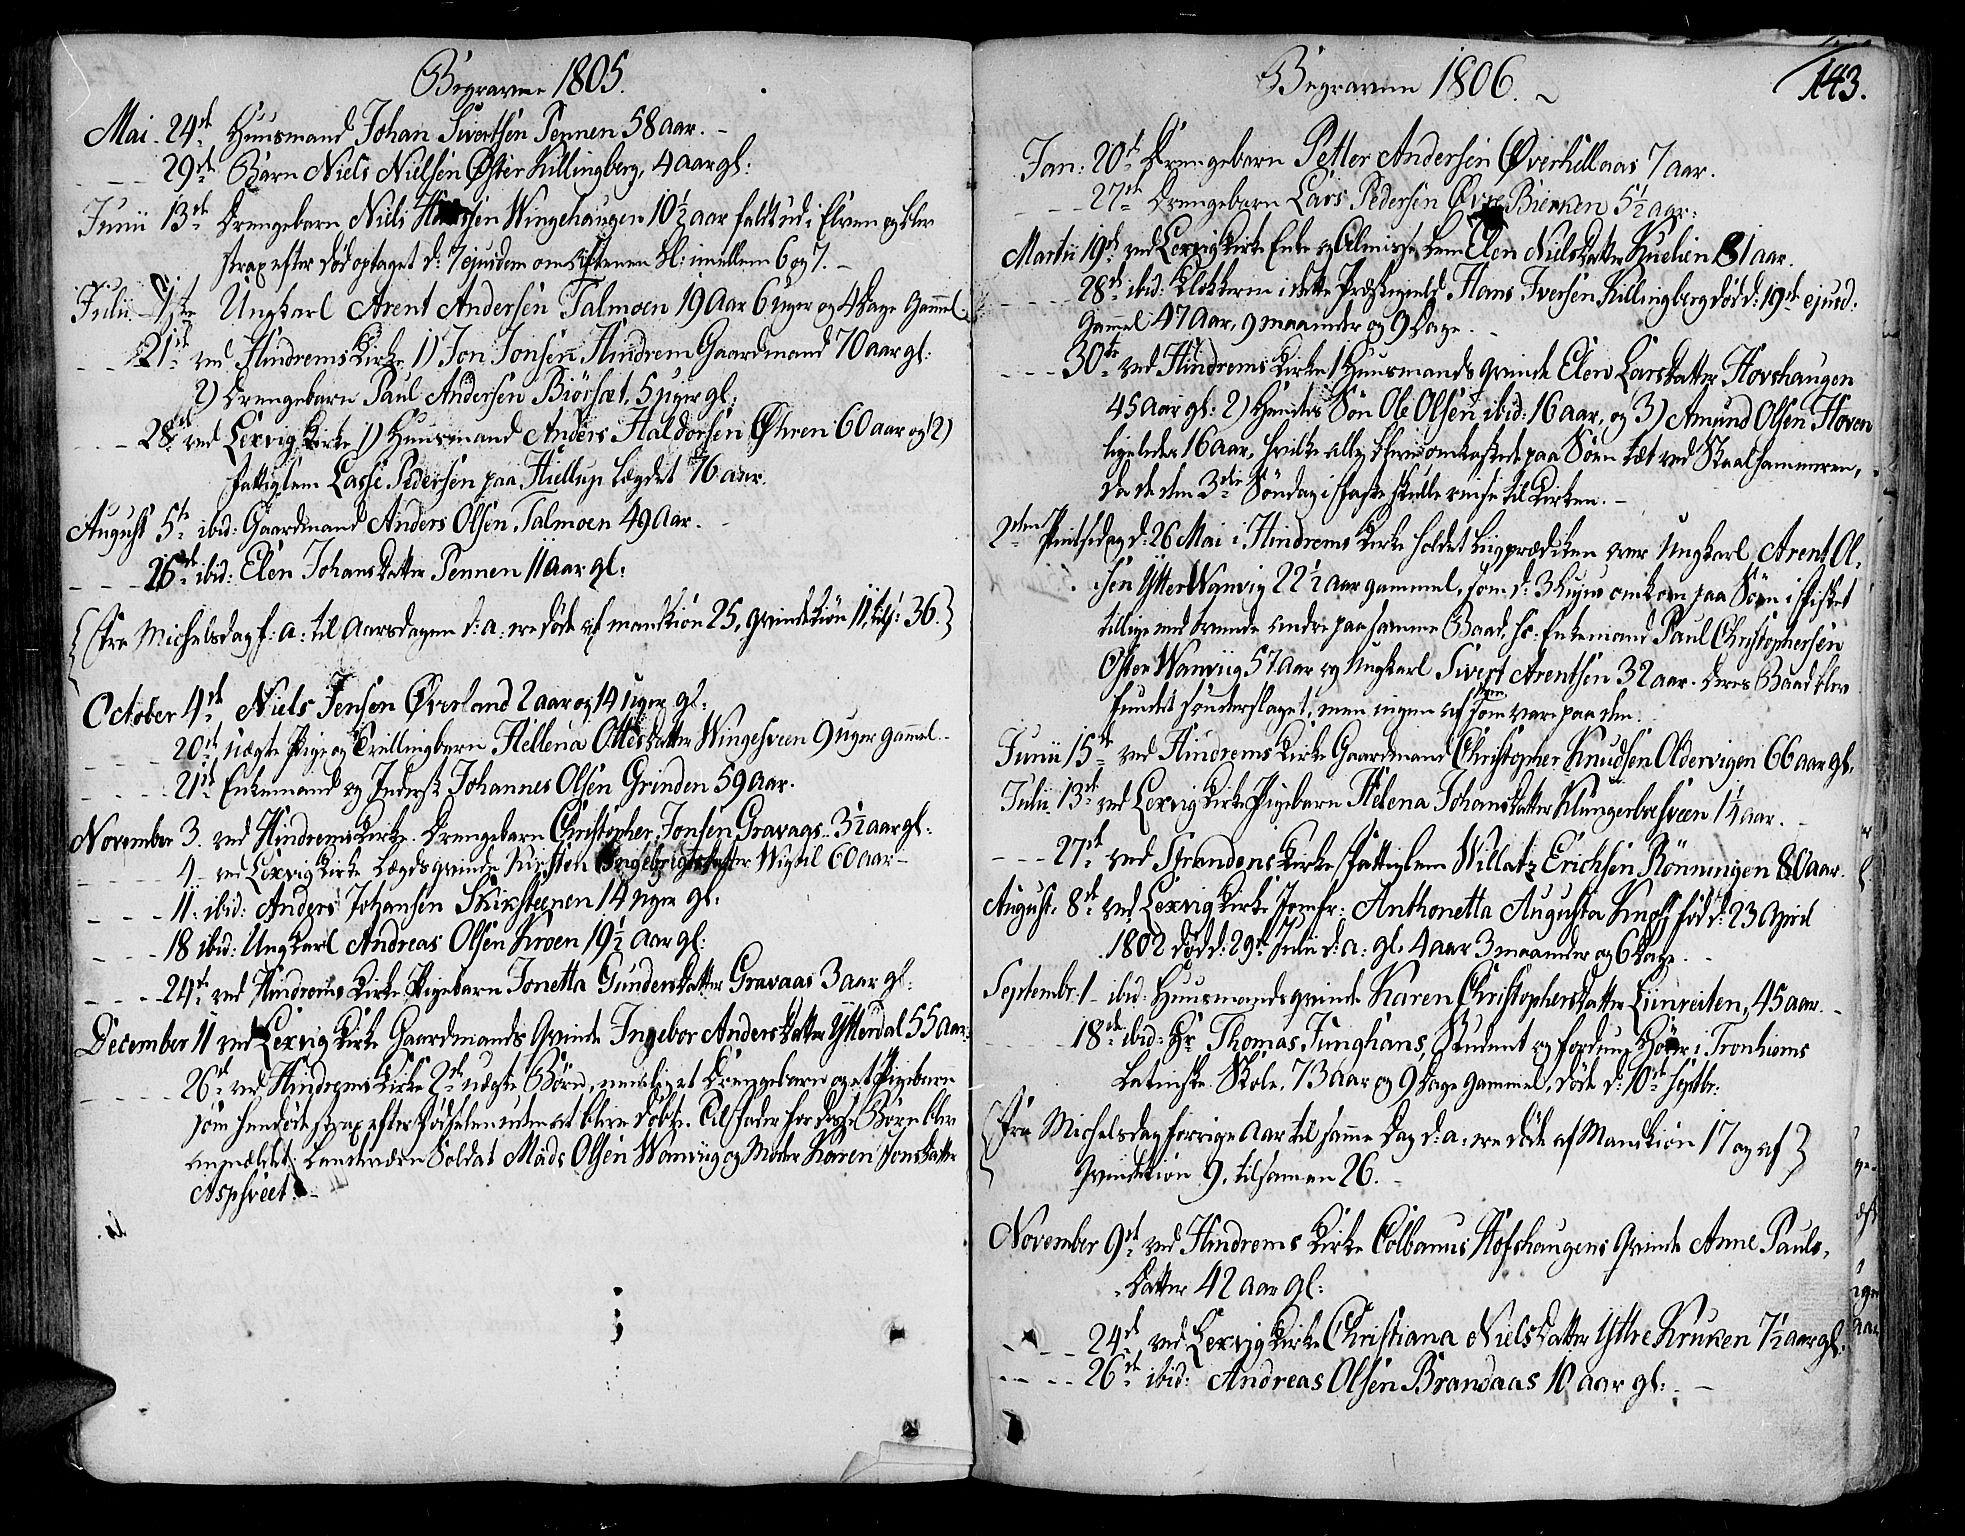 SAT, Ministerialprotokoller, klokkerbøker og fødselsregistre - Nord-Trøndelag, 701/L0004: Ministerialbok nr. 701A04, 1783-1816, s. 143